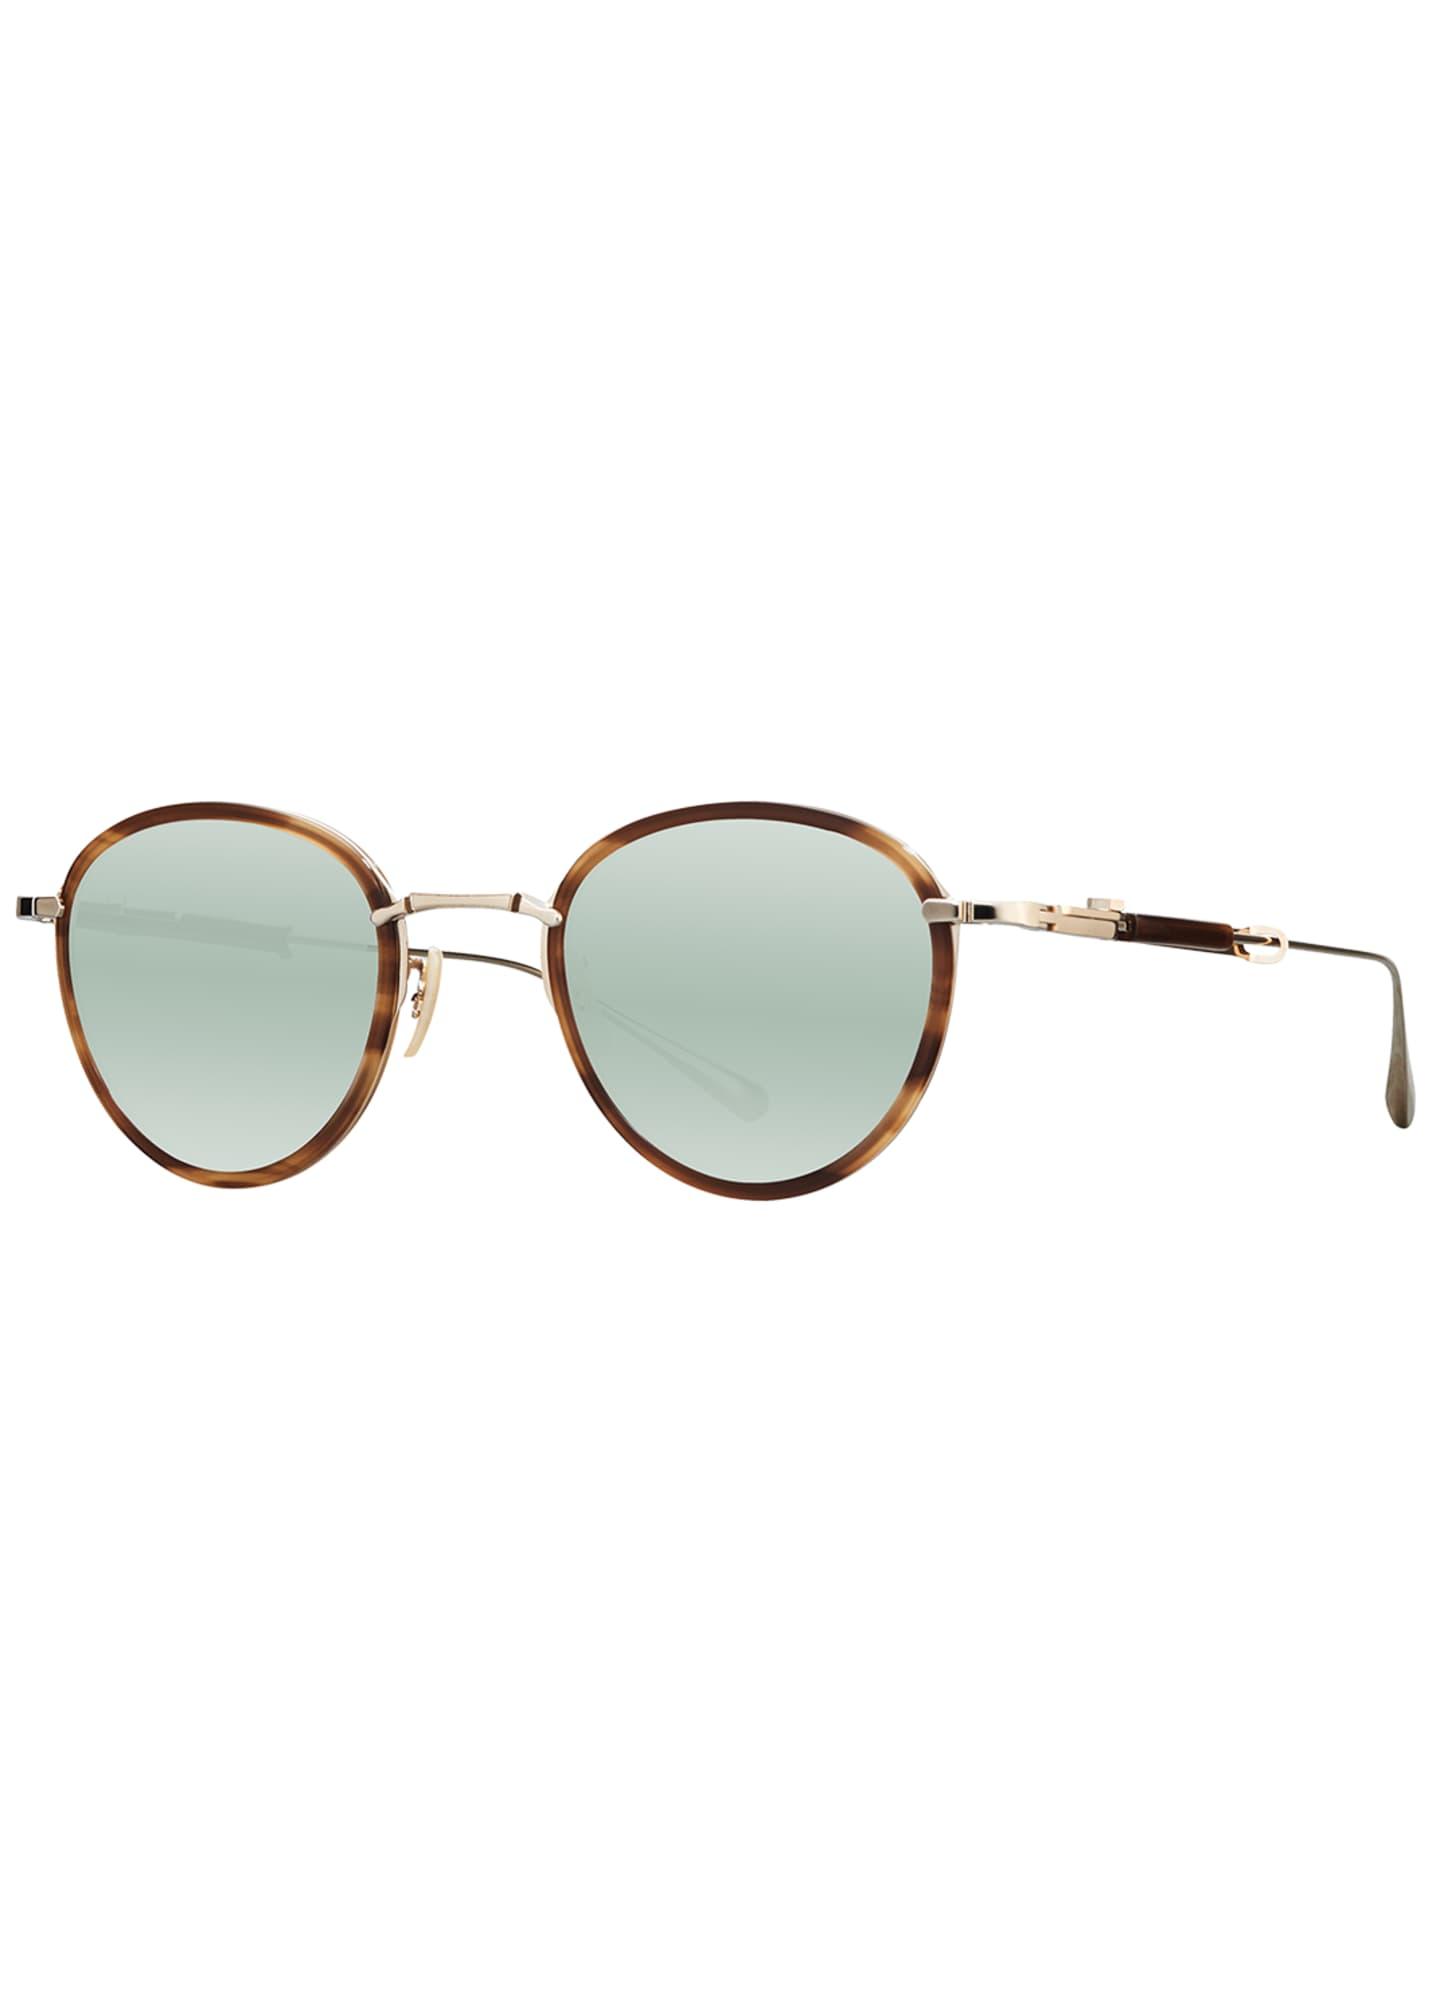 Mr. Leight Round Mirrored Titanium & Acetate Sunglasses,